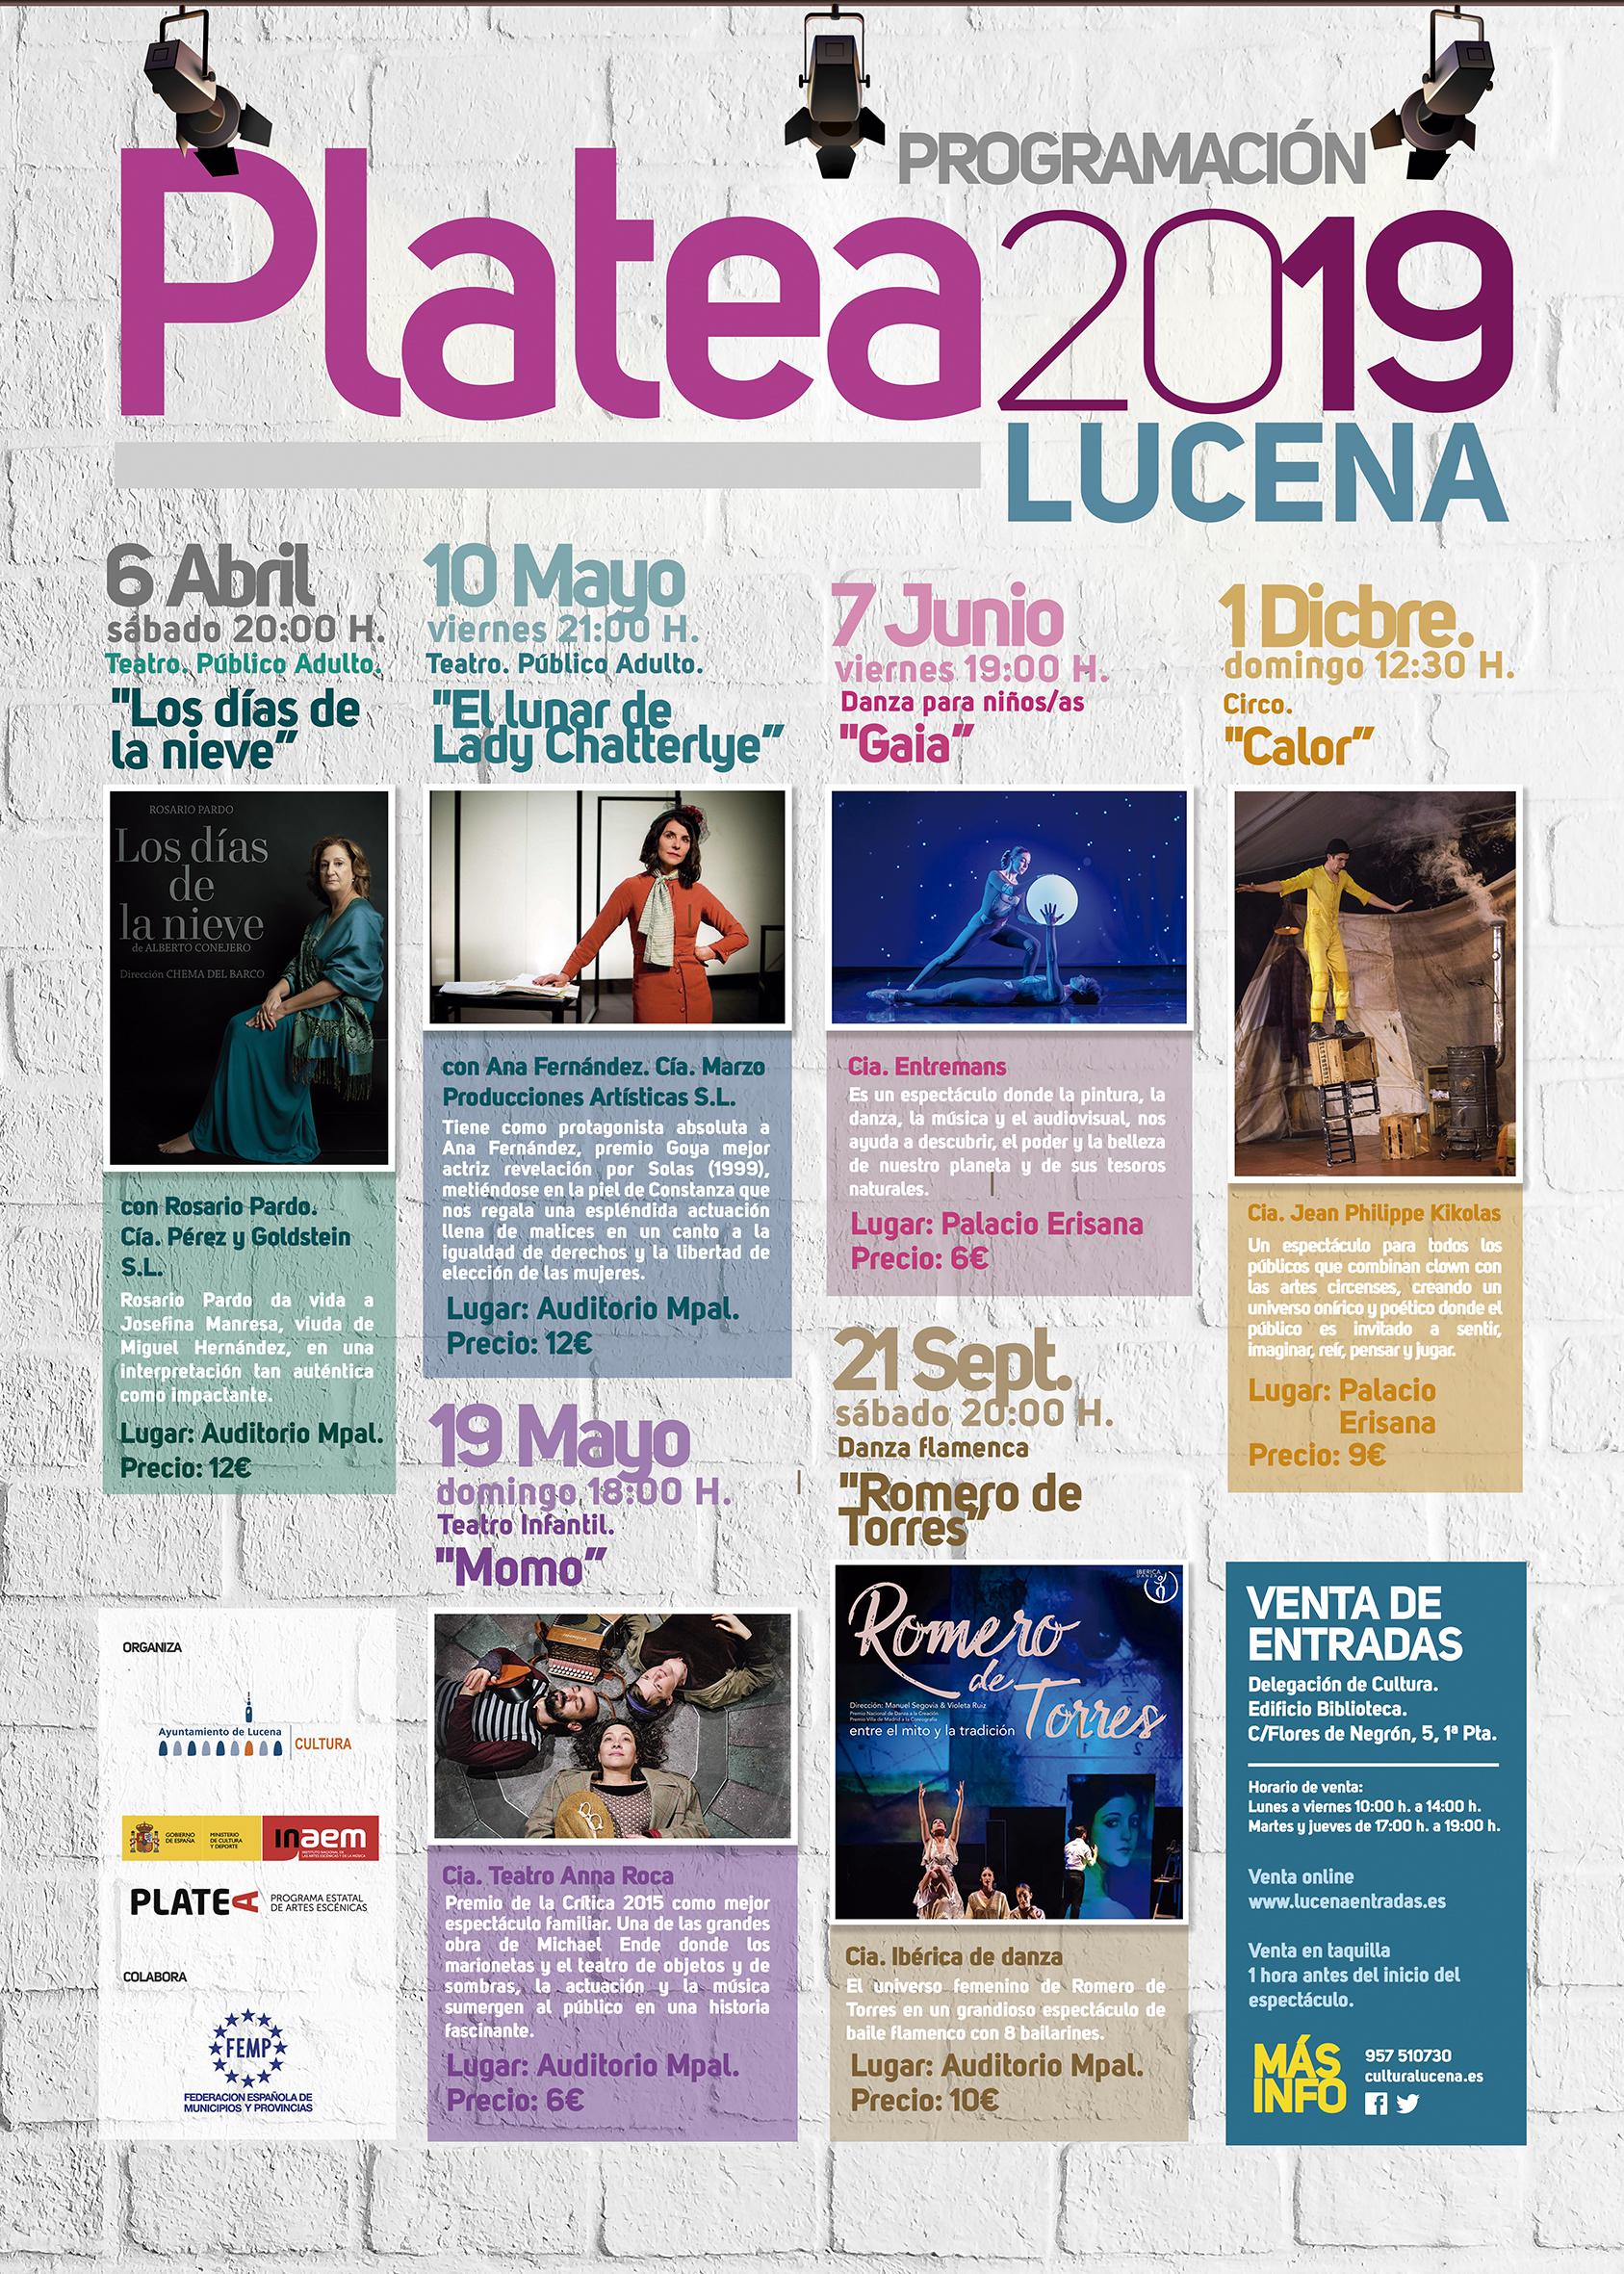 PLATEA 2019 @ Auditorio y Palacio Erisana